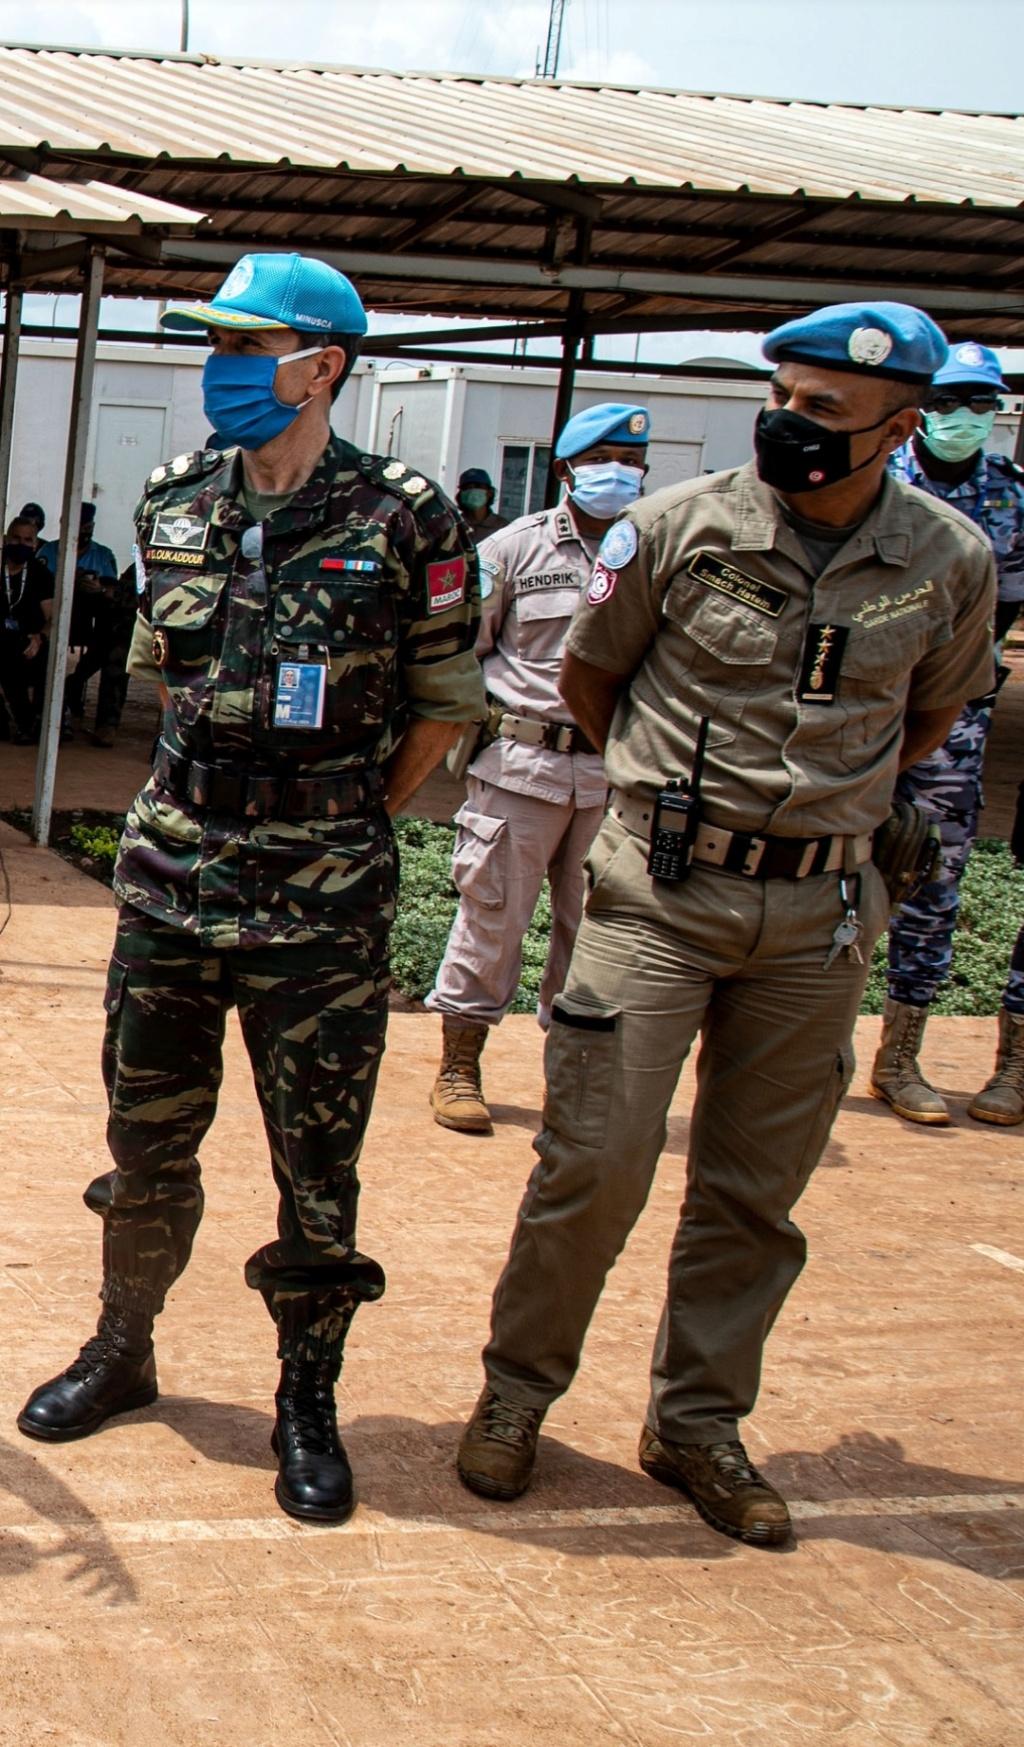 Maintien de la paix dans le monde - Les FAR en République Centrafricaine - RCA (MINUSCA) - Page 17 Screen59